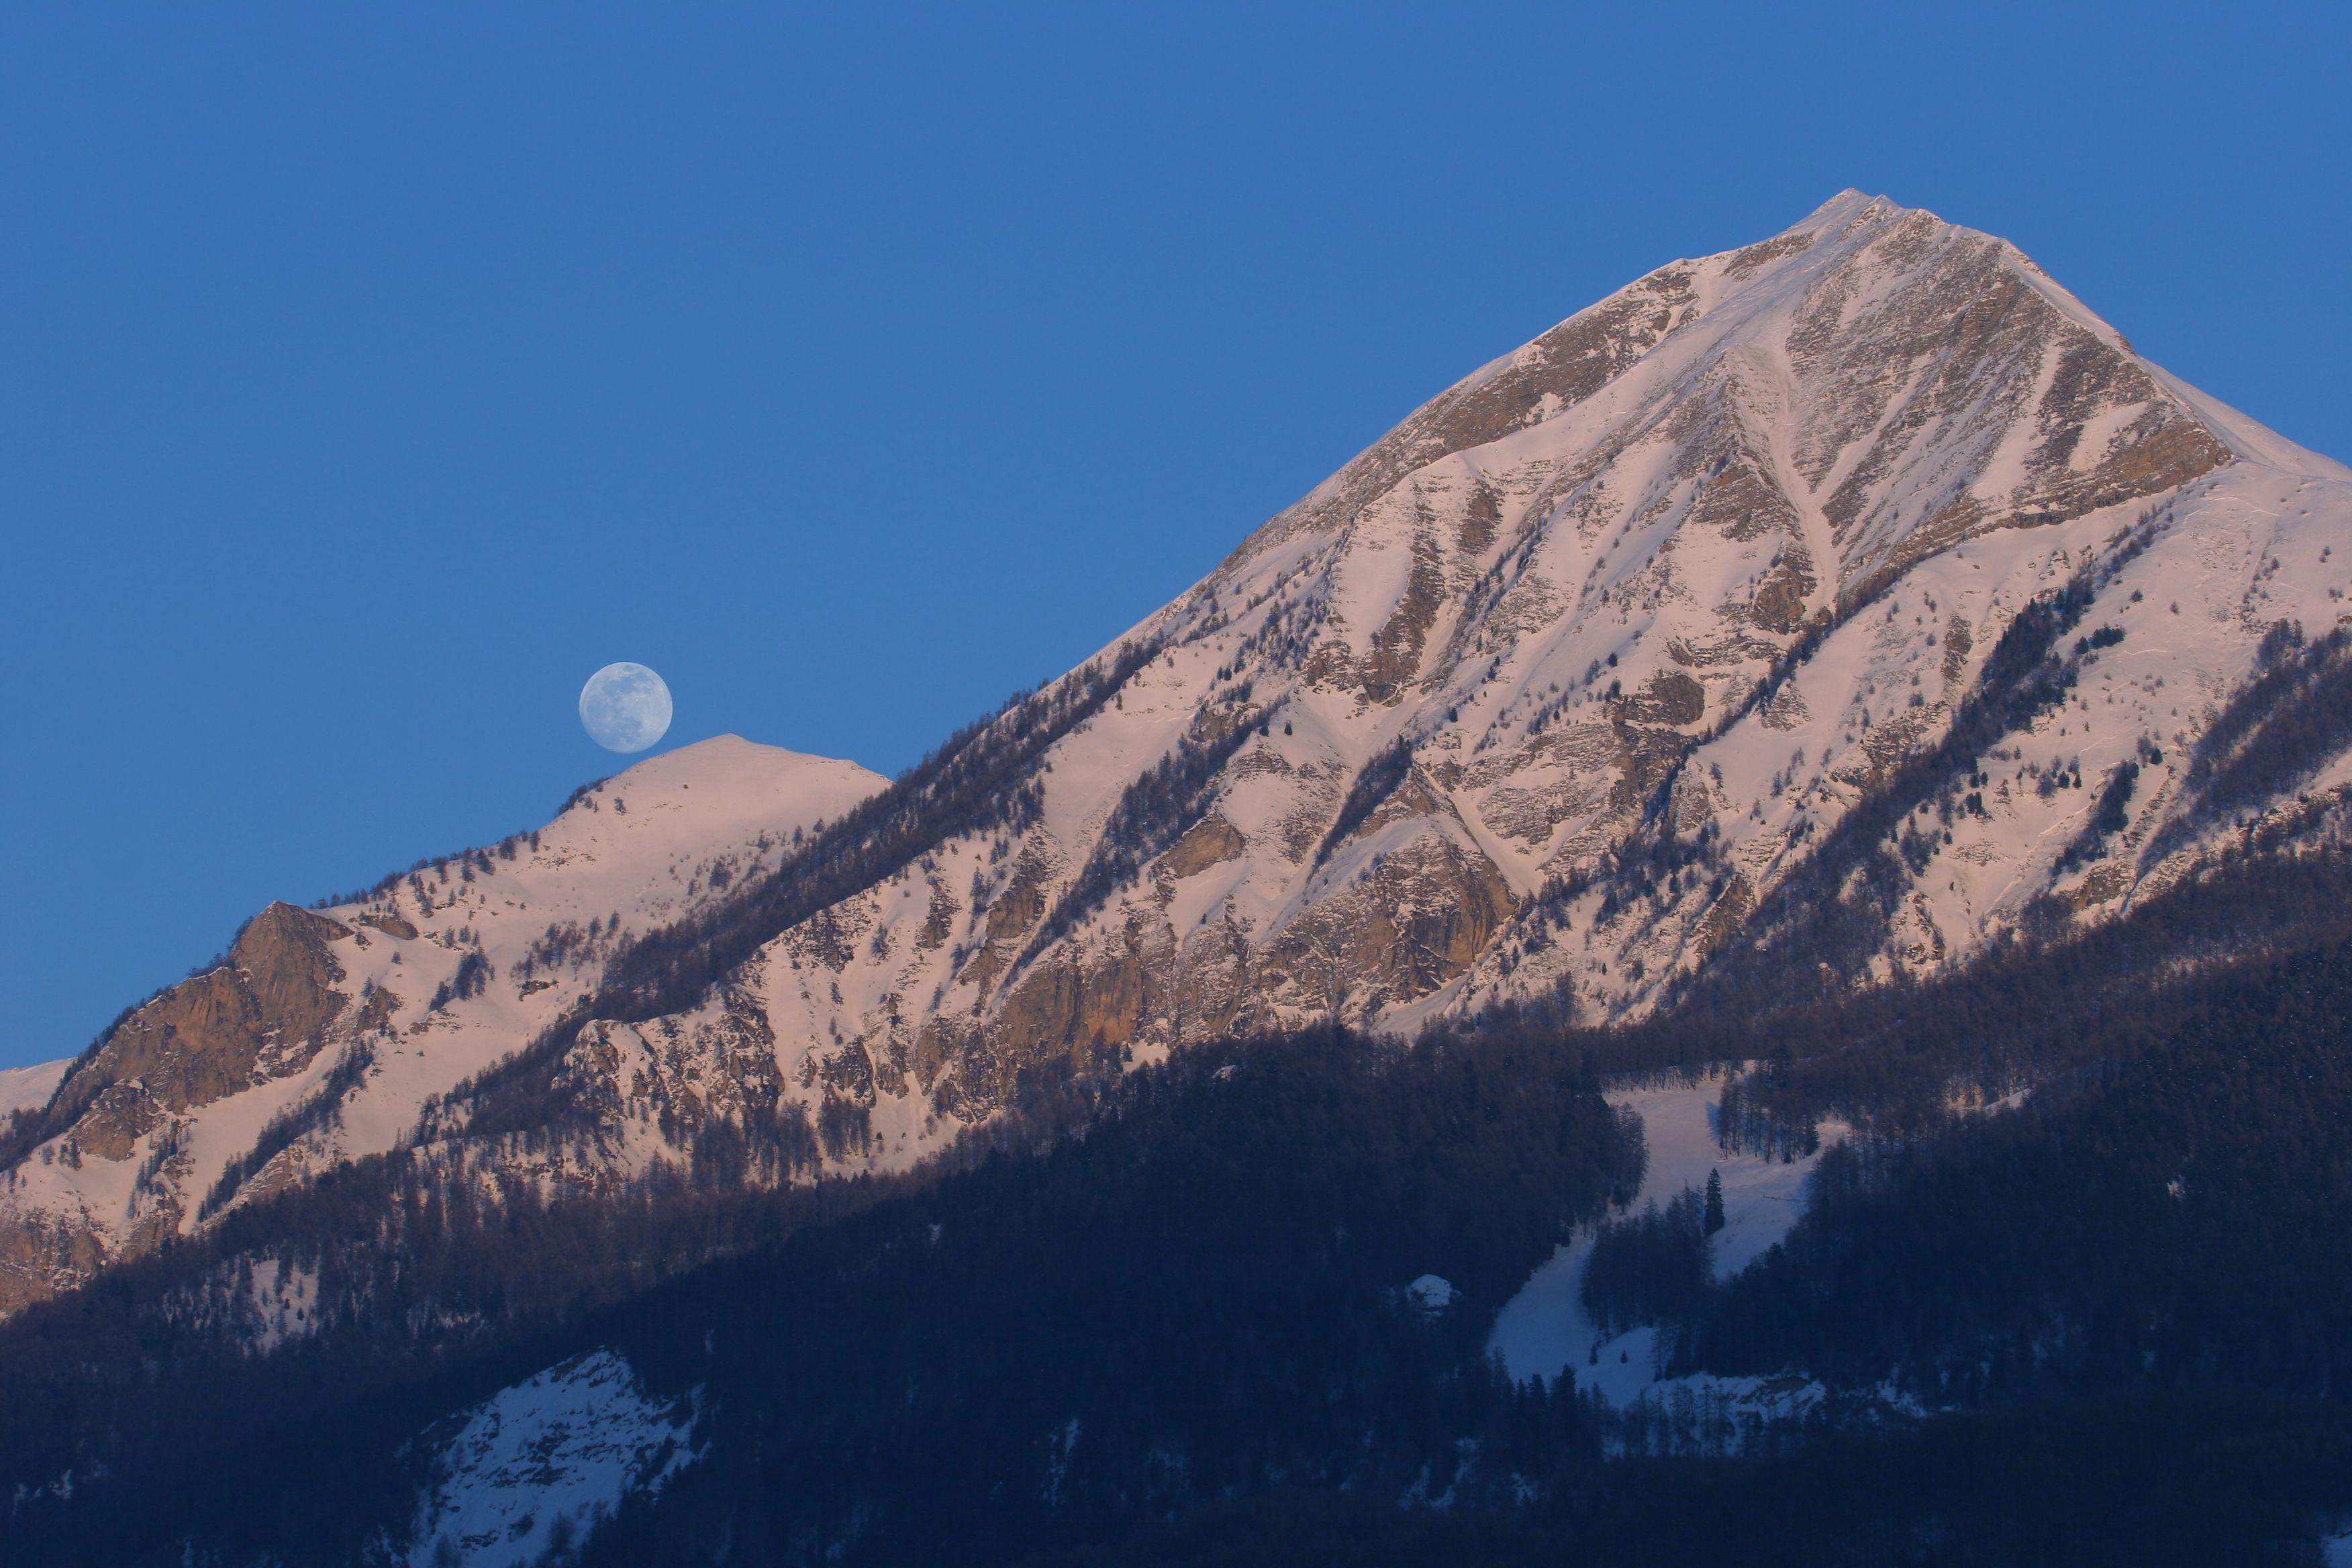 Pleine lune aux Autanes ©Marc Corail - Parc national des Ecrins